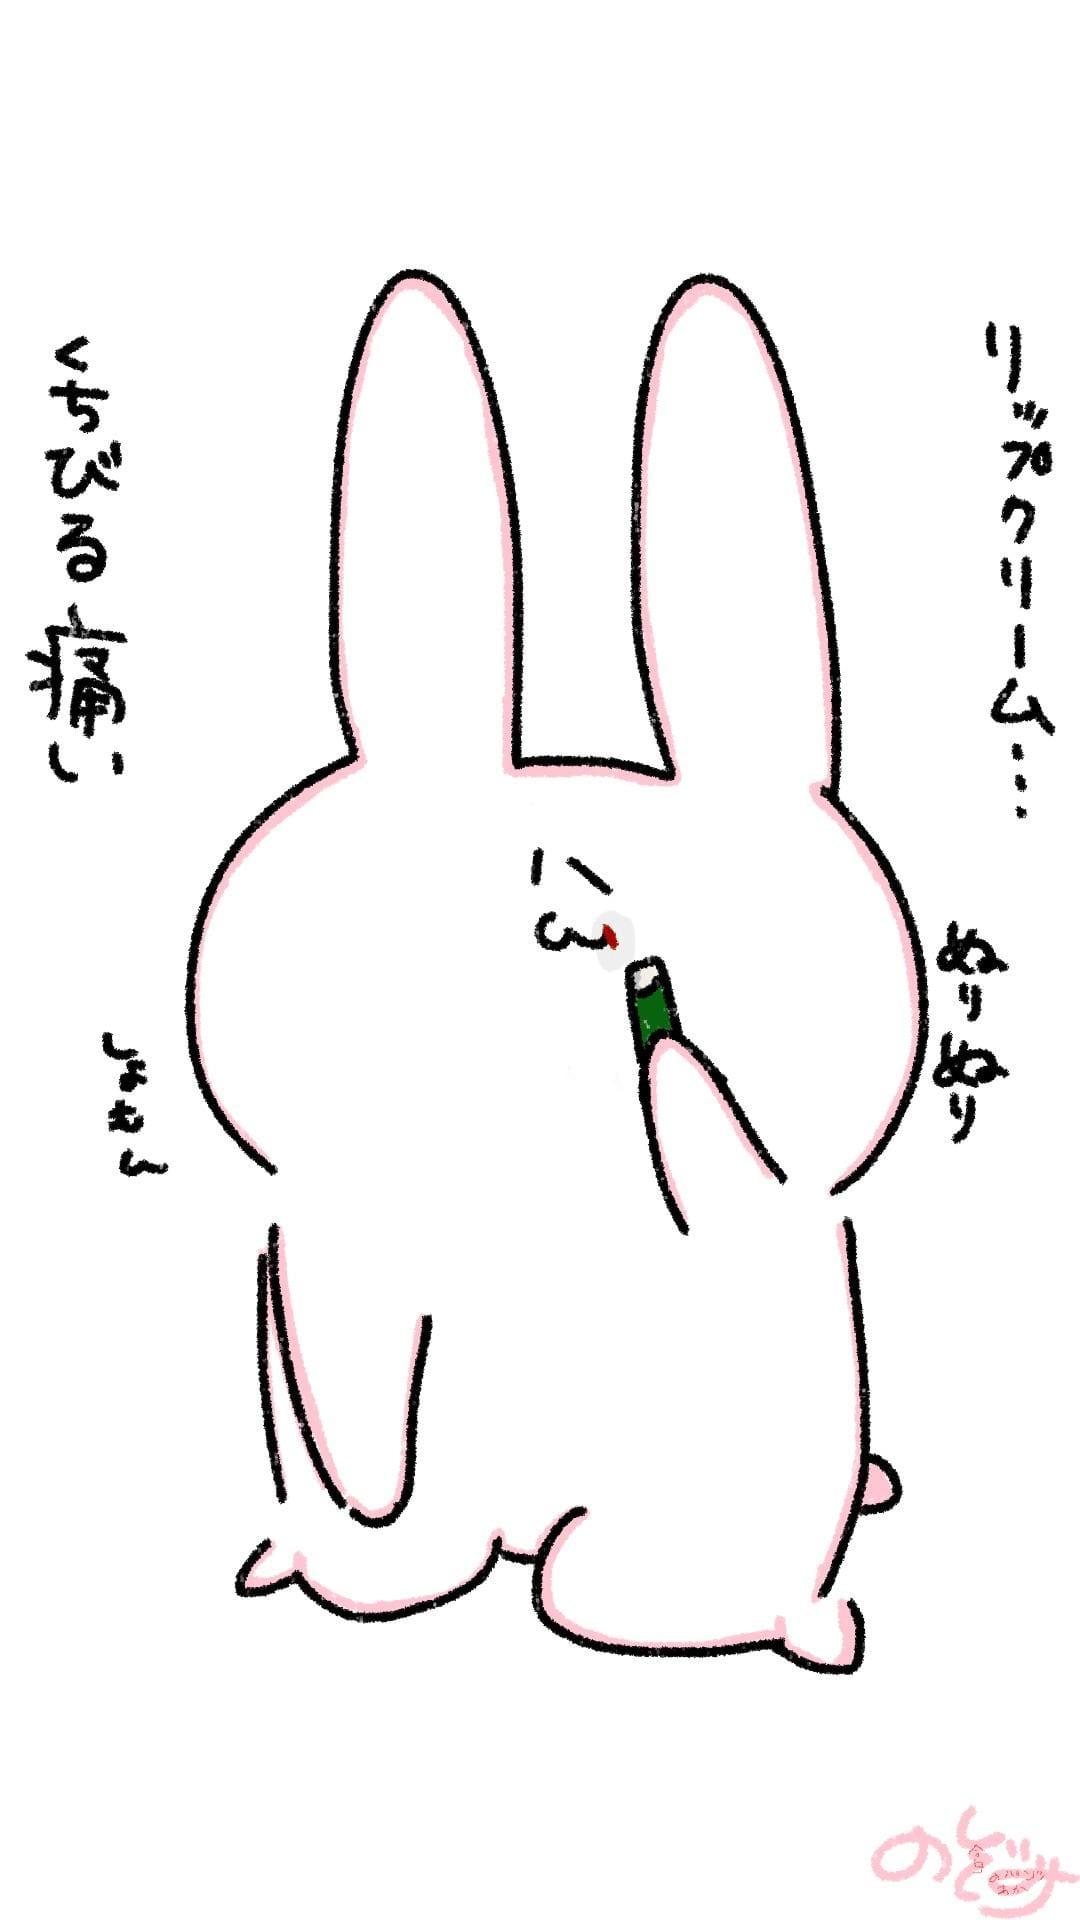 「よく塗るのを忘れます(´?ω?`)」11/09日(金) 09:00 | のぞみの写メ・風俗動画